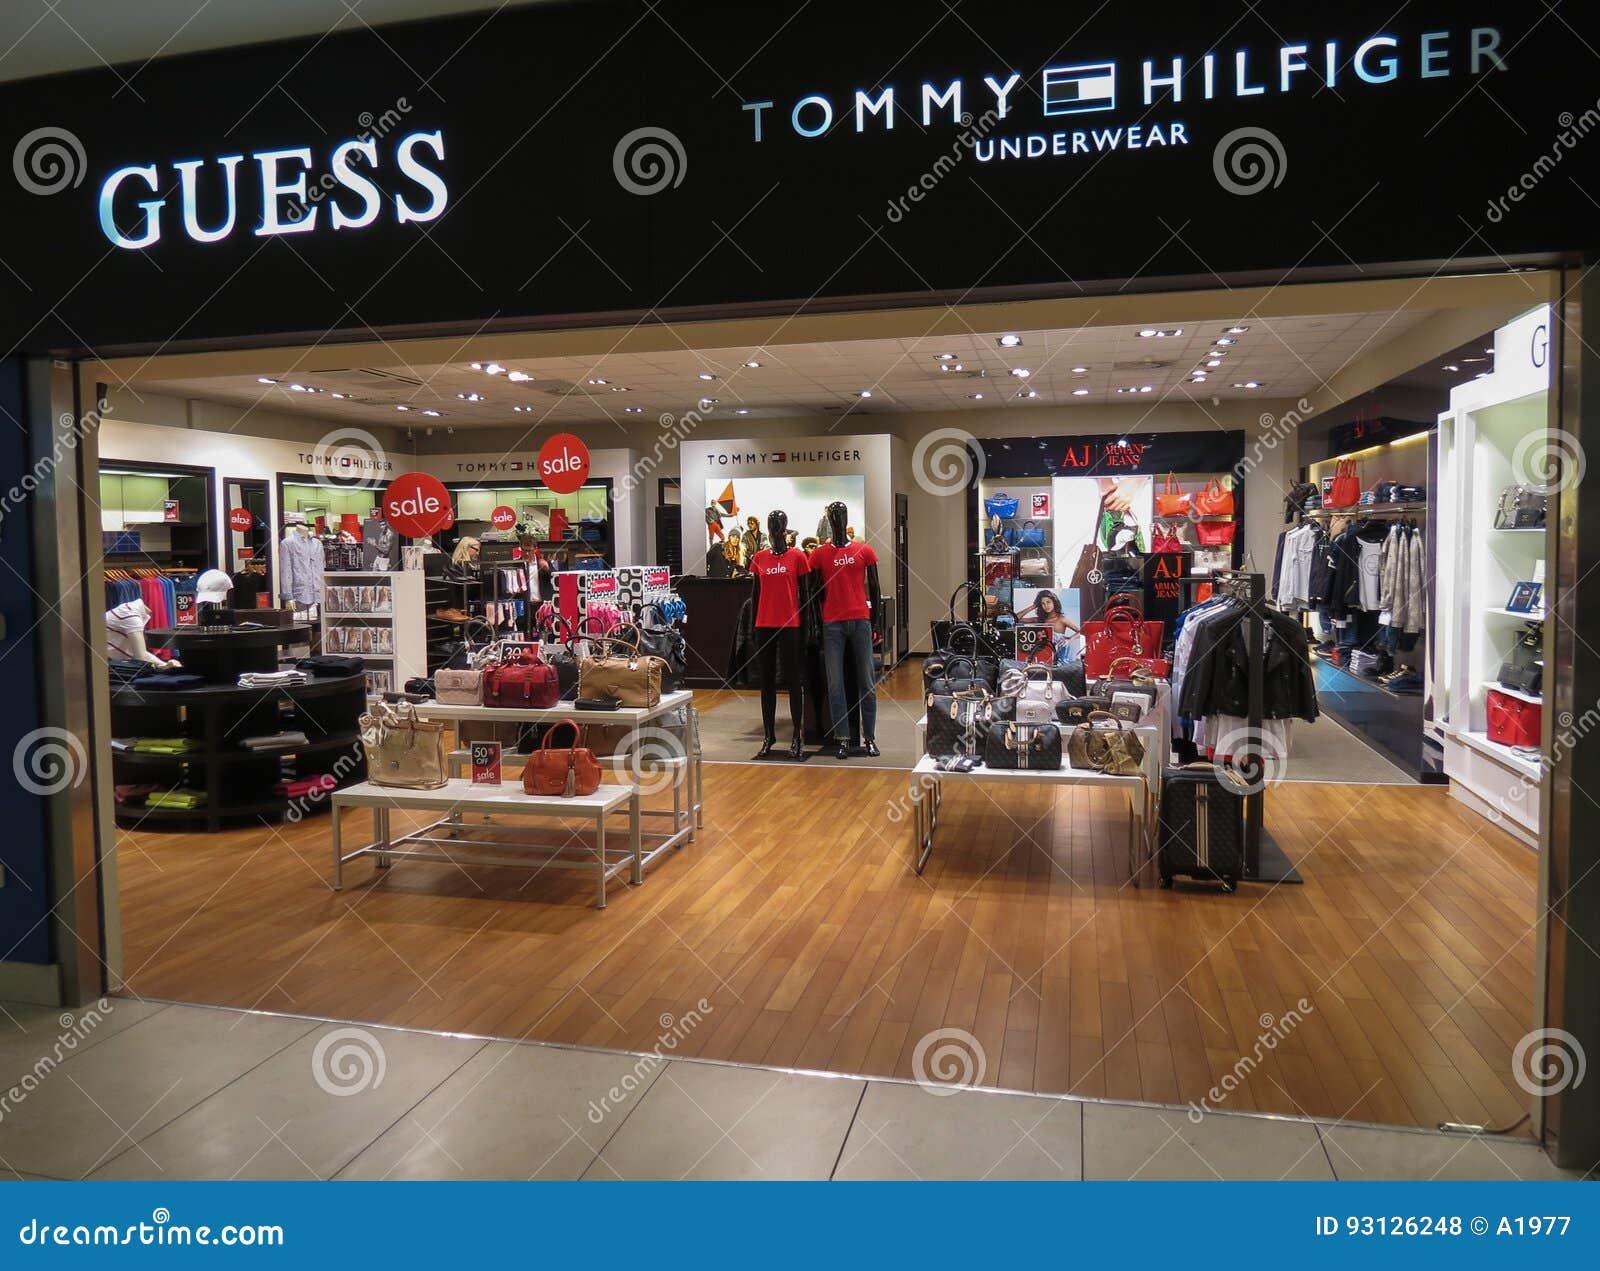 e6f44b619 Loja Da Suposição E Do Tommy Hilfiger Em Praga Foto de Stock ...